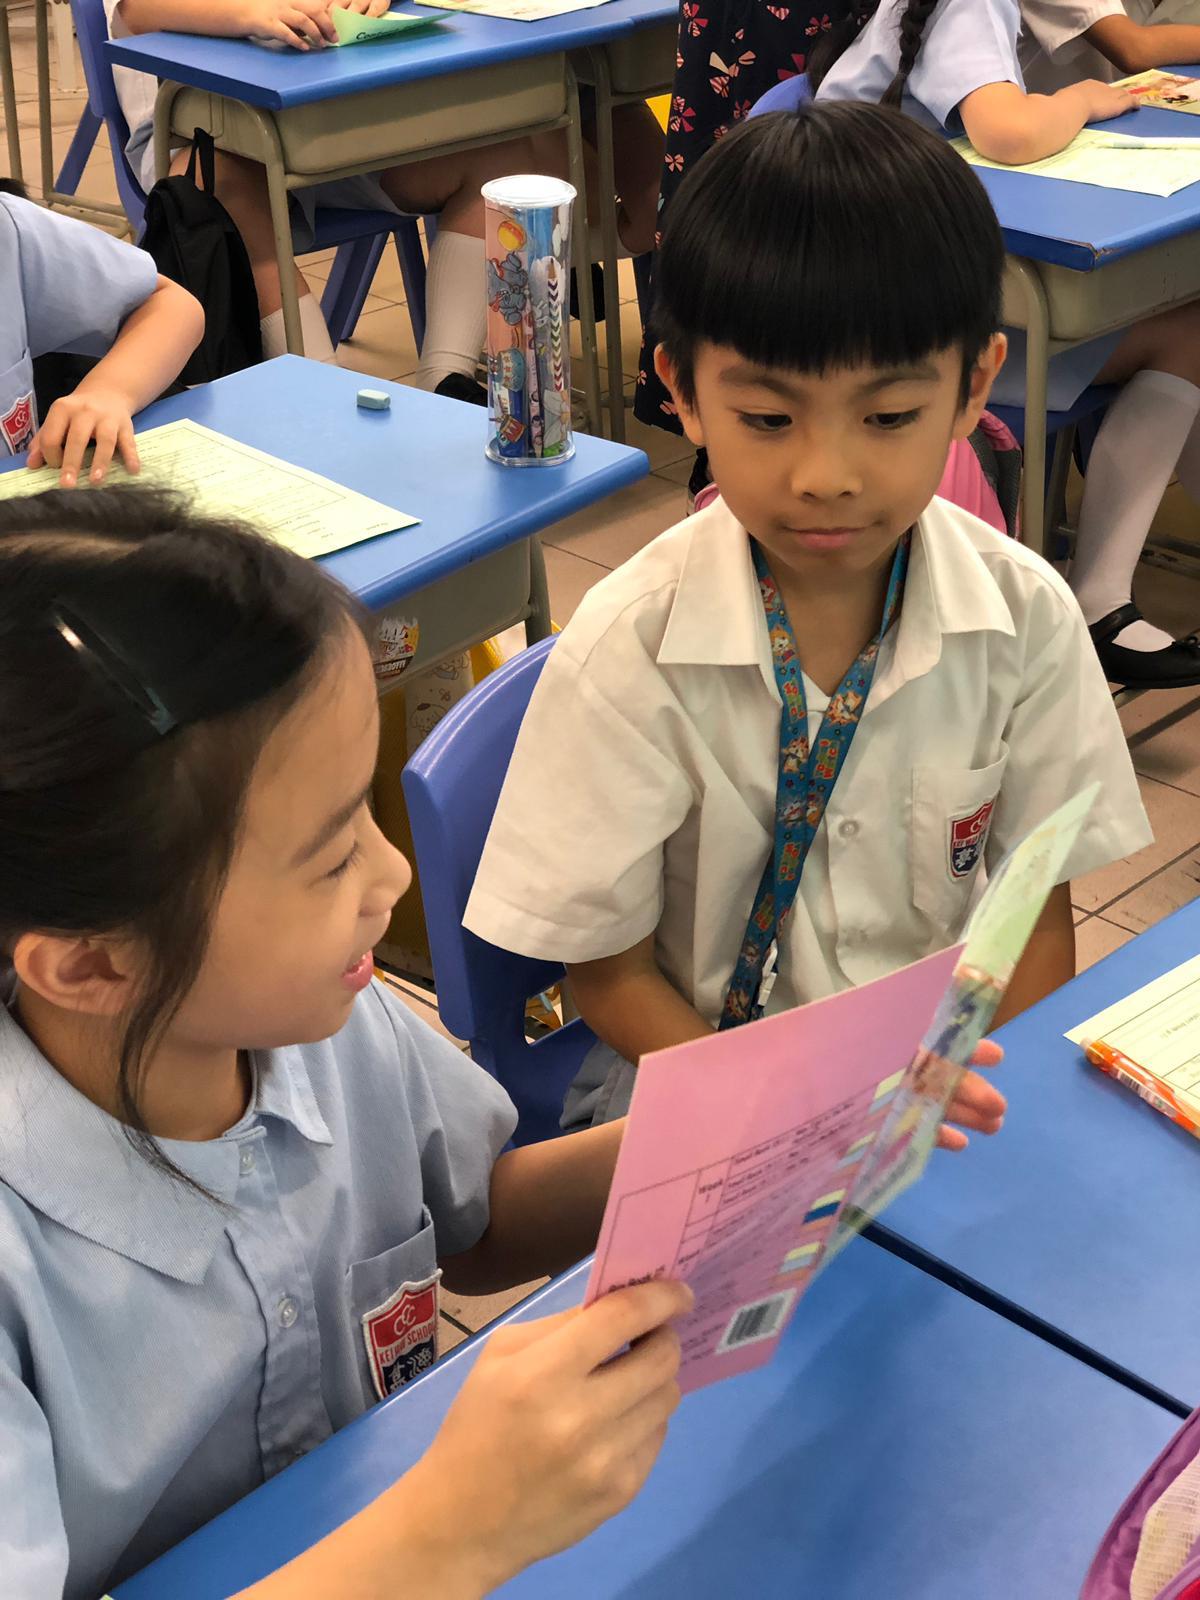 http://www.keiwan.edu.hk/sites/default/files/49_1.jpg